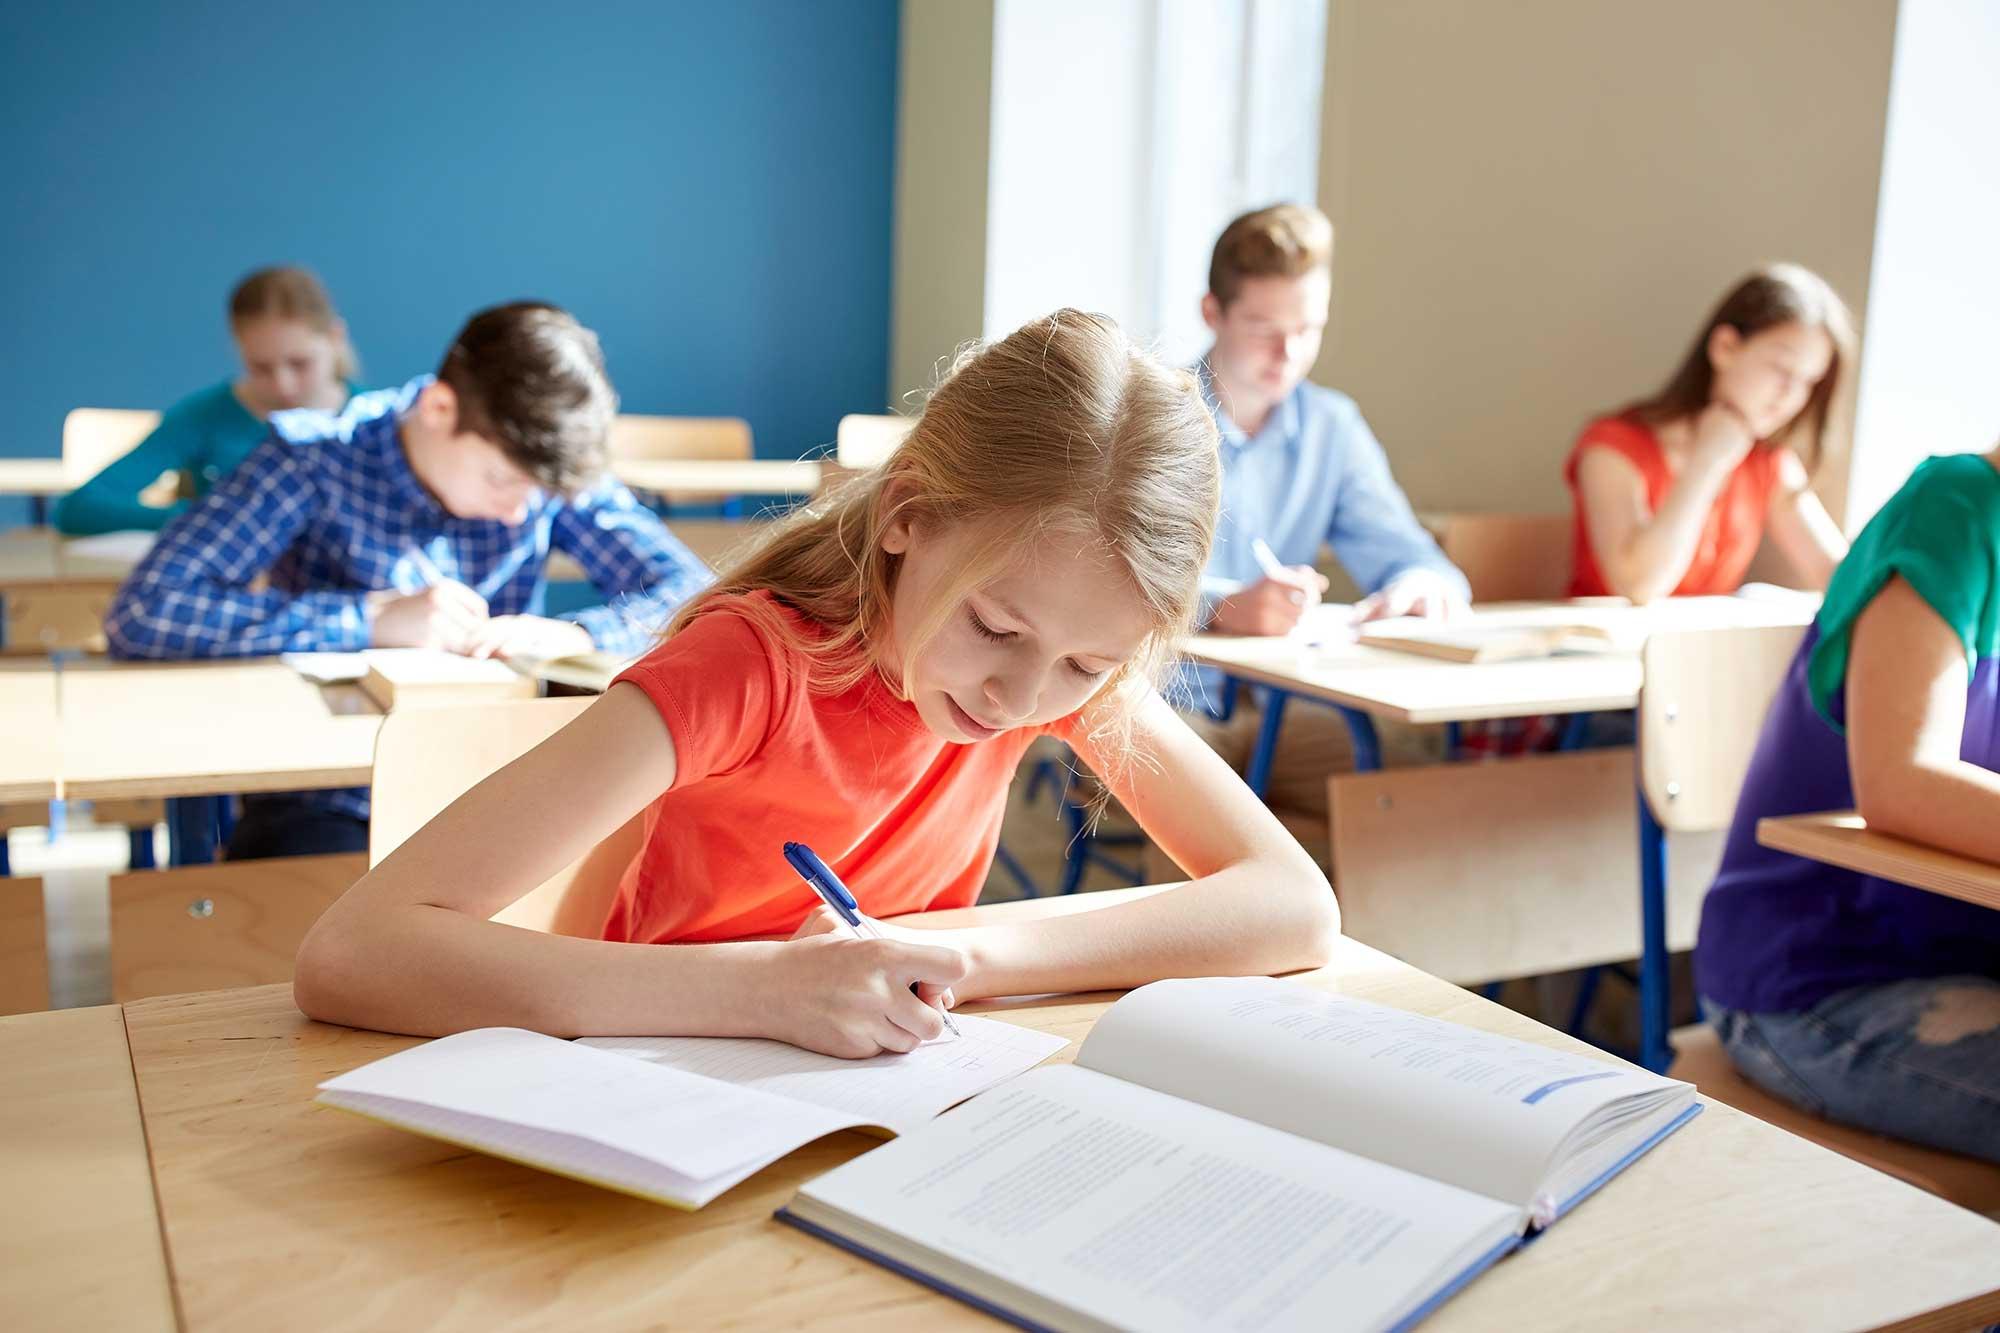 oli essenziali per superare l'ansia a scuola - Olfattiva